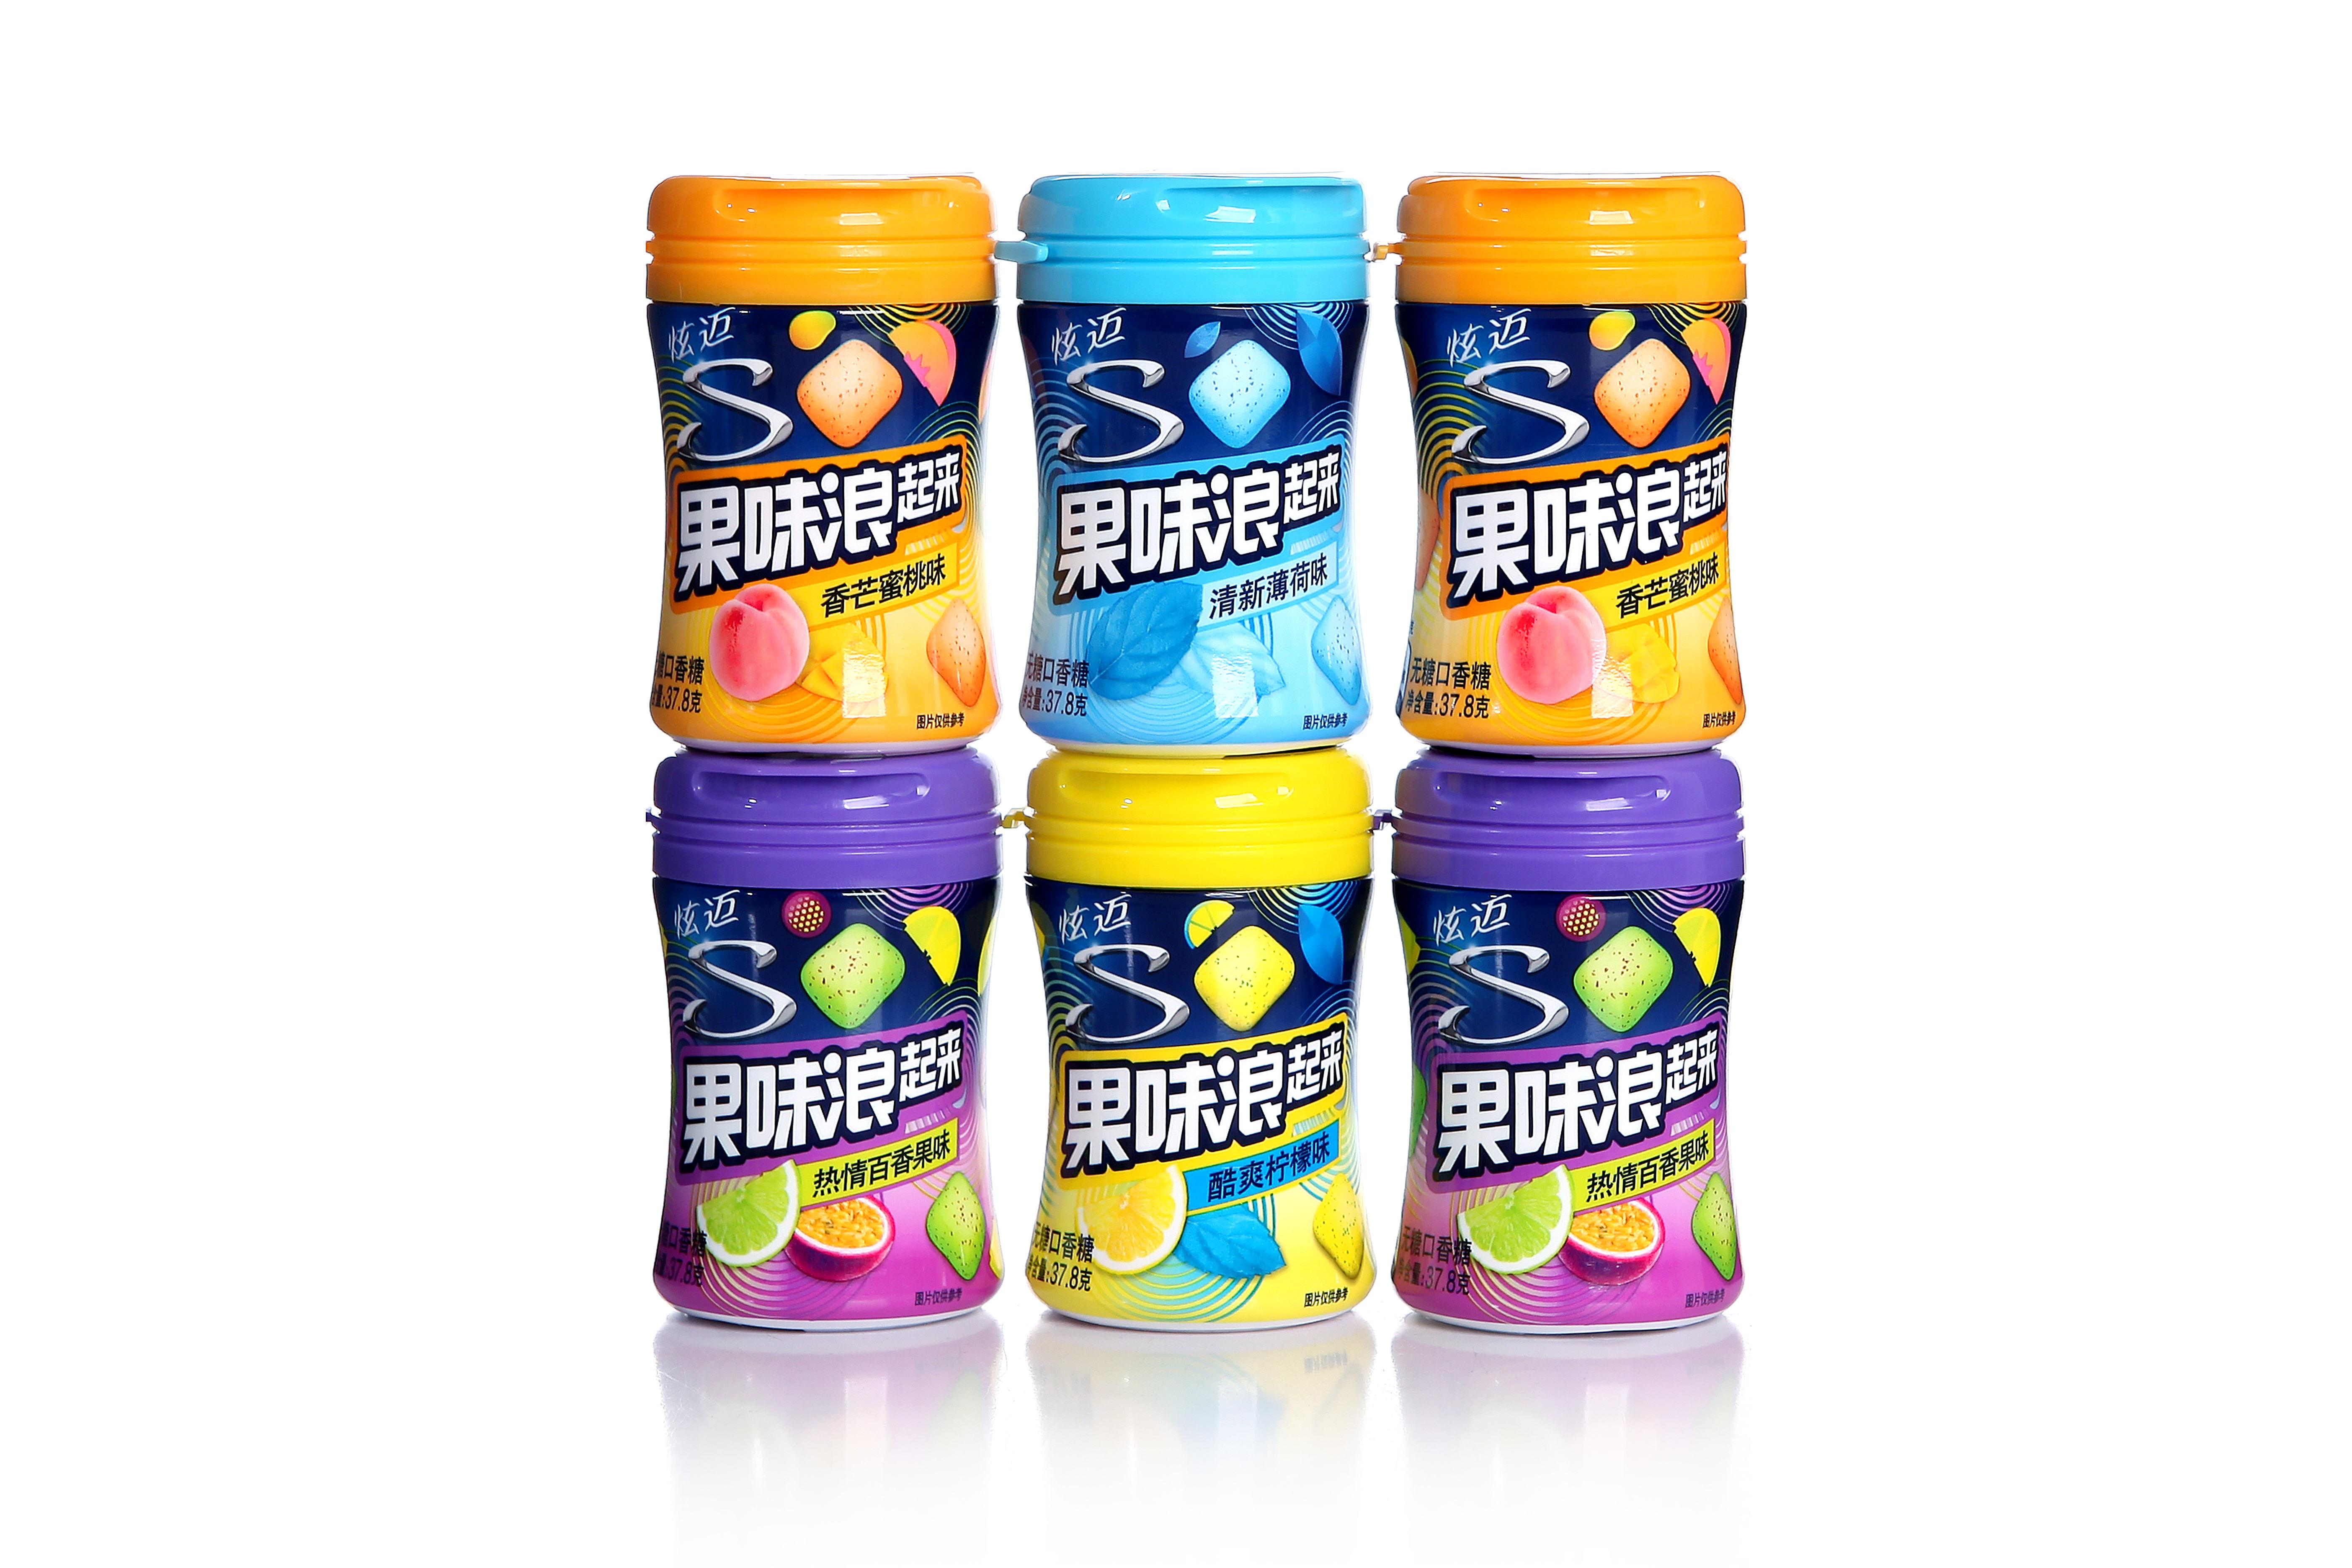 新品炫迈无糖口香糖炫迈果味浪起来37.8克*6瓶木糖醇口香糖批包邮